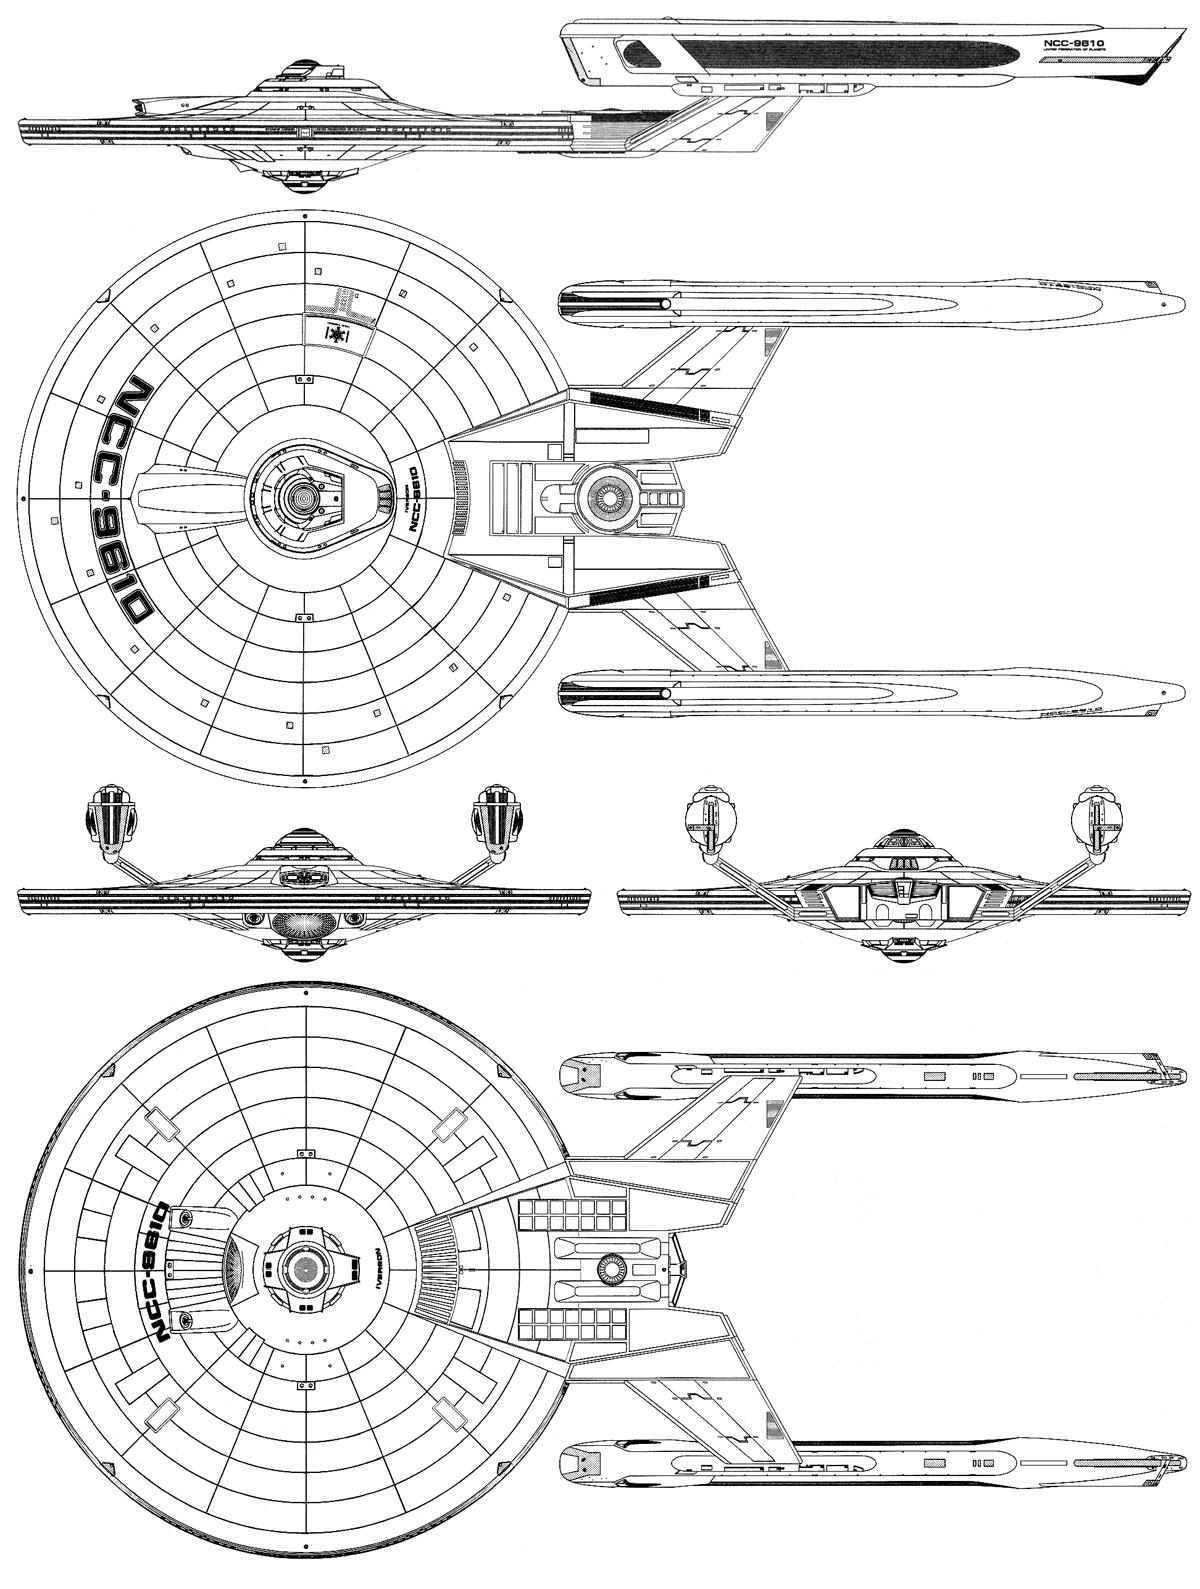 Iverson Class IX Cruiser